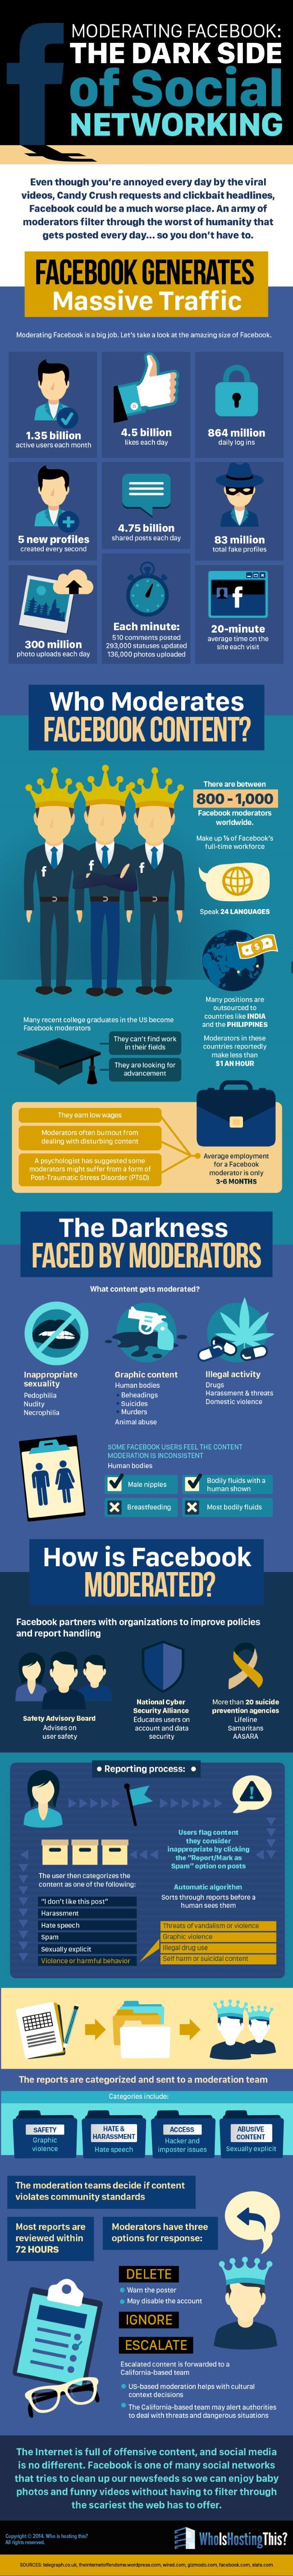 ModeratingFacebookInfographic